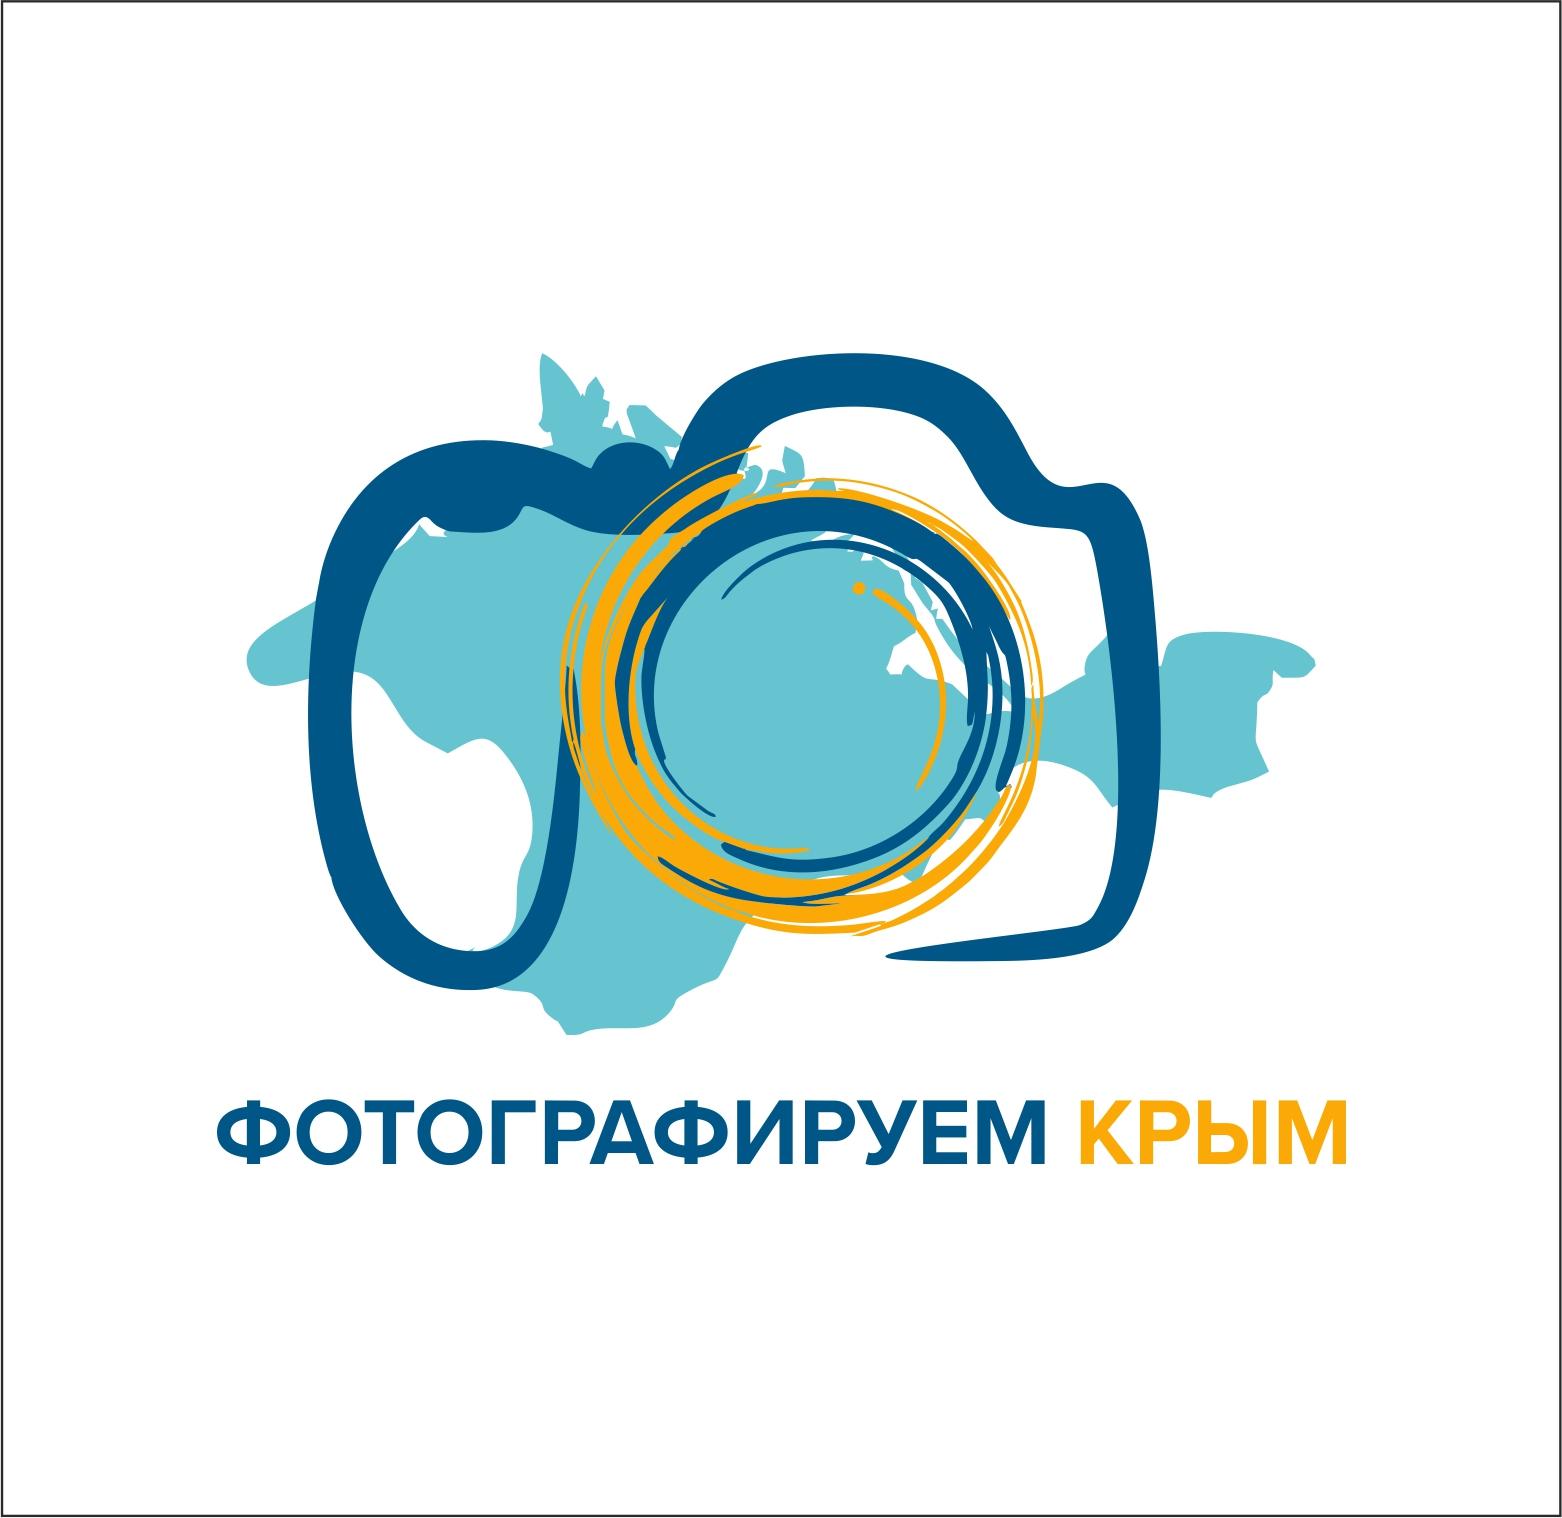 ЛОГОТИП + фирменный стиль фотоконкурса ФОТОГРАФИРУЕМ КРЫМ фото f_8415c09043bda0dd.jpg